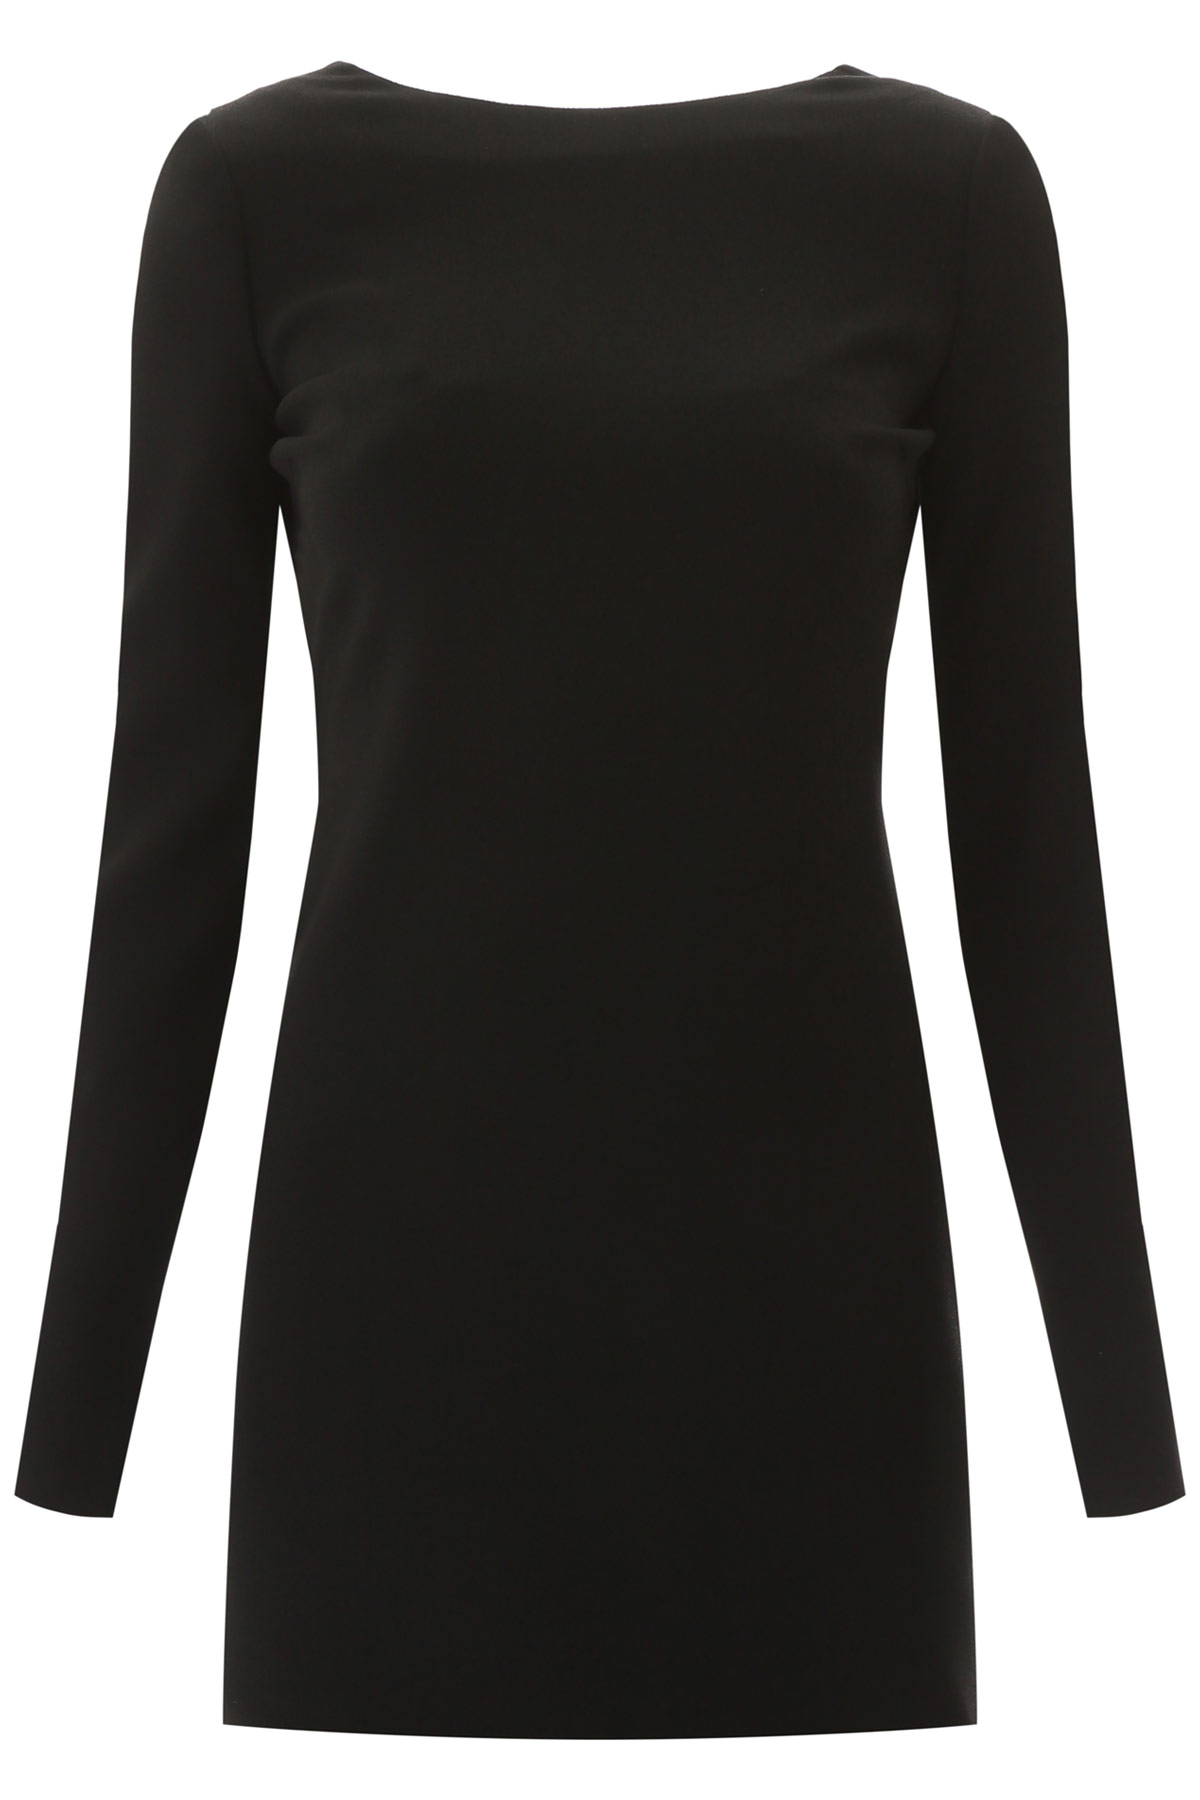 SAINT LAURENT SHORT DRESS WITH KNOT 36 Black